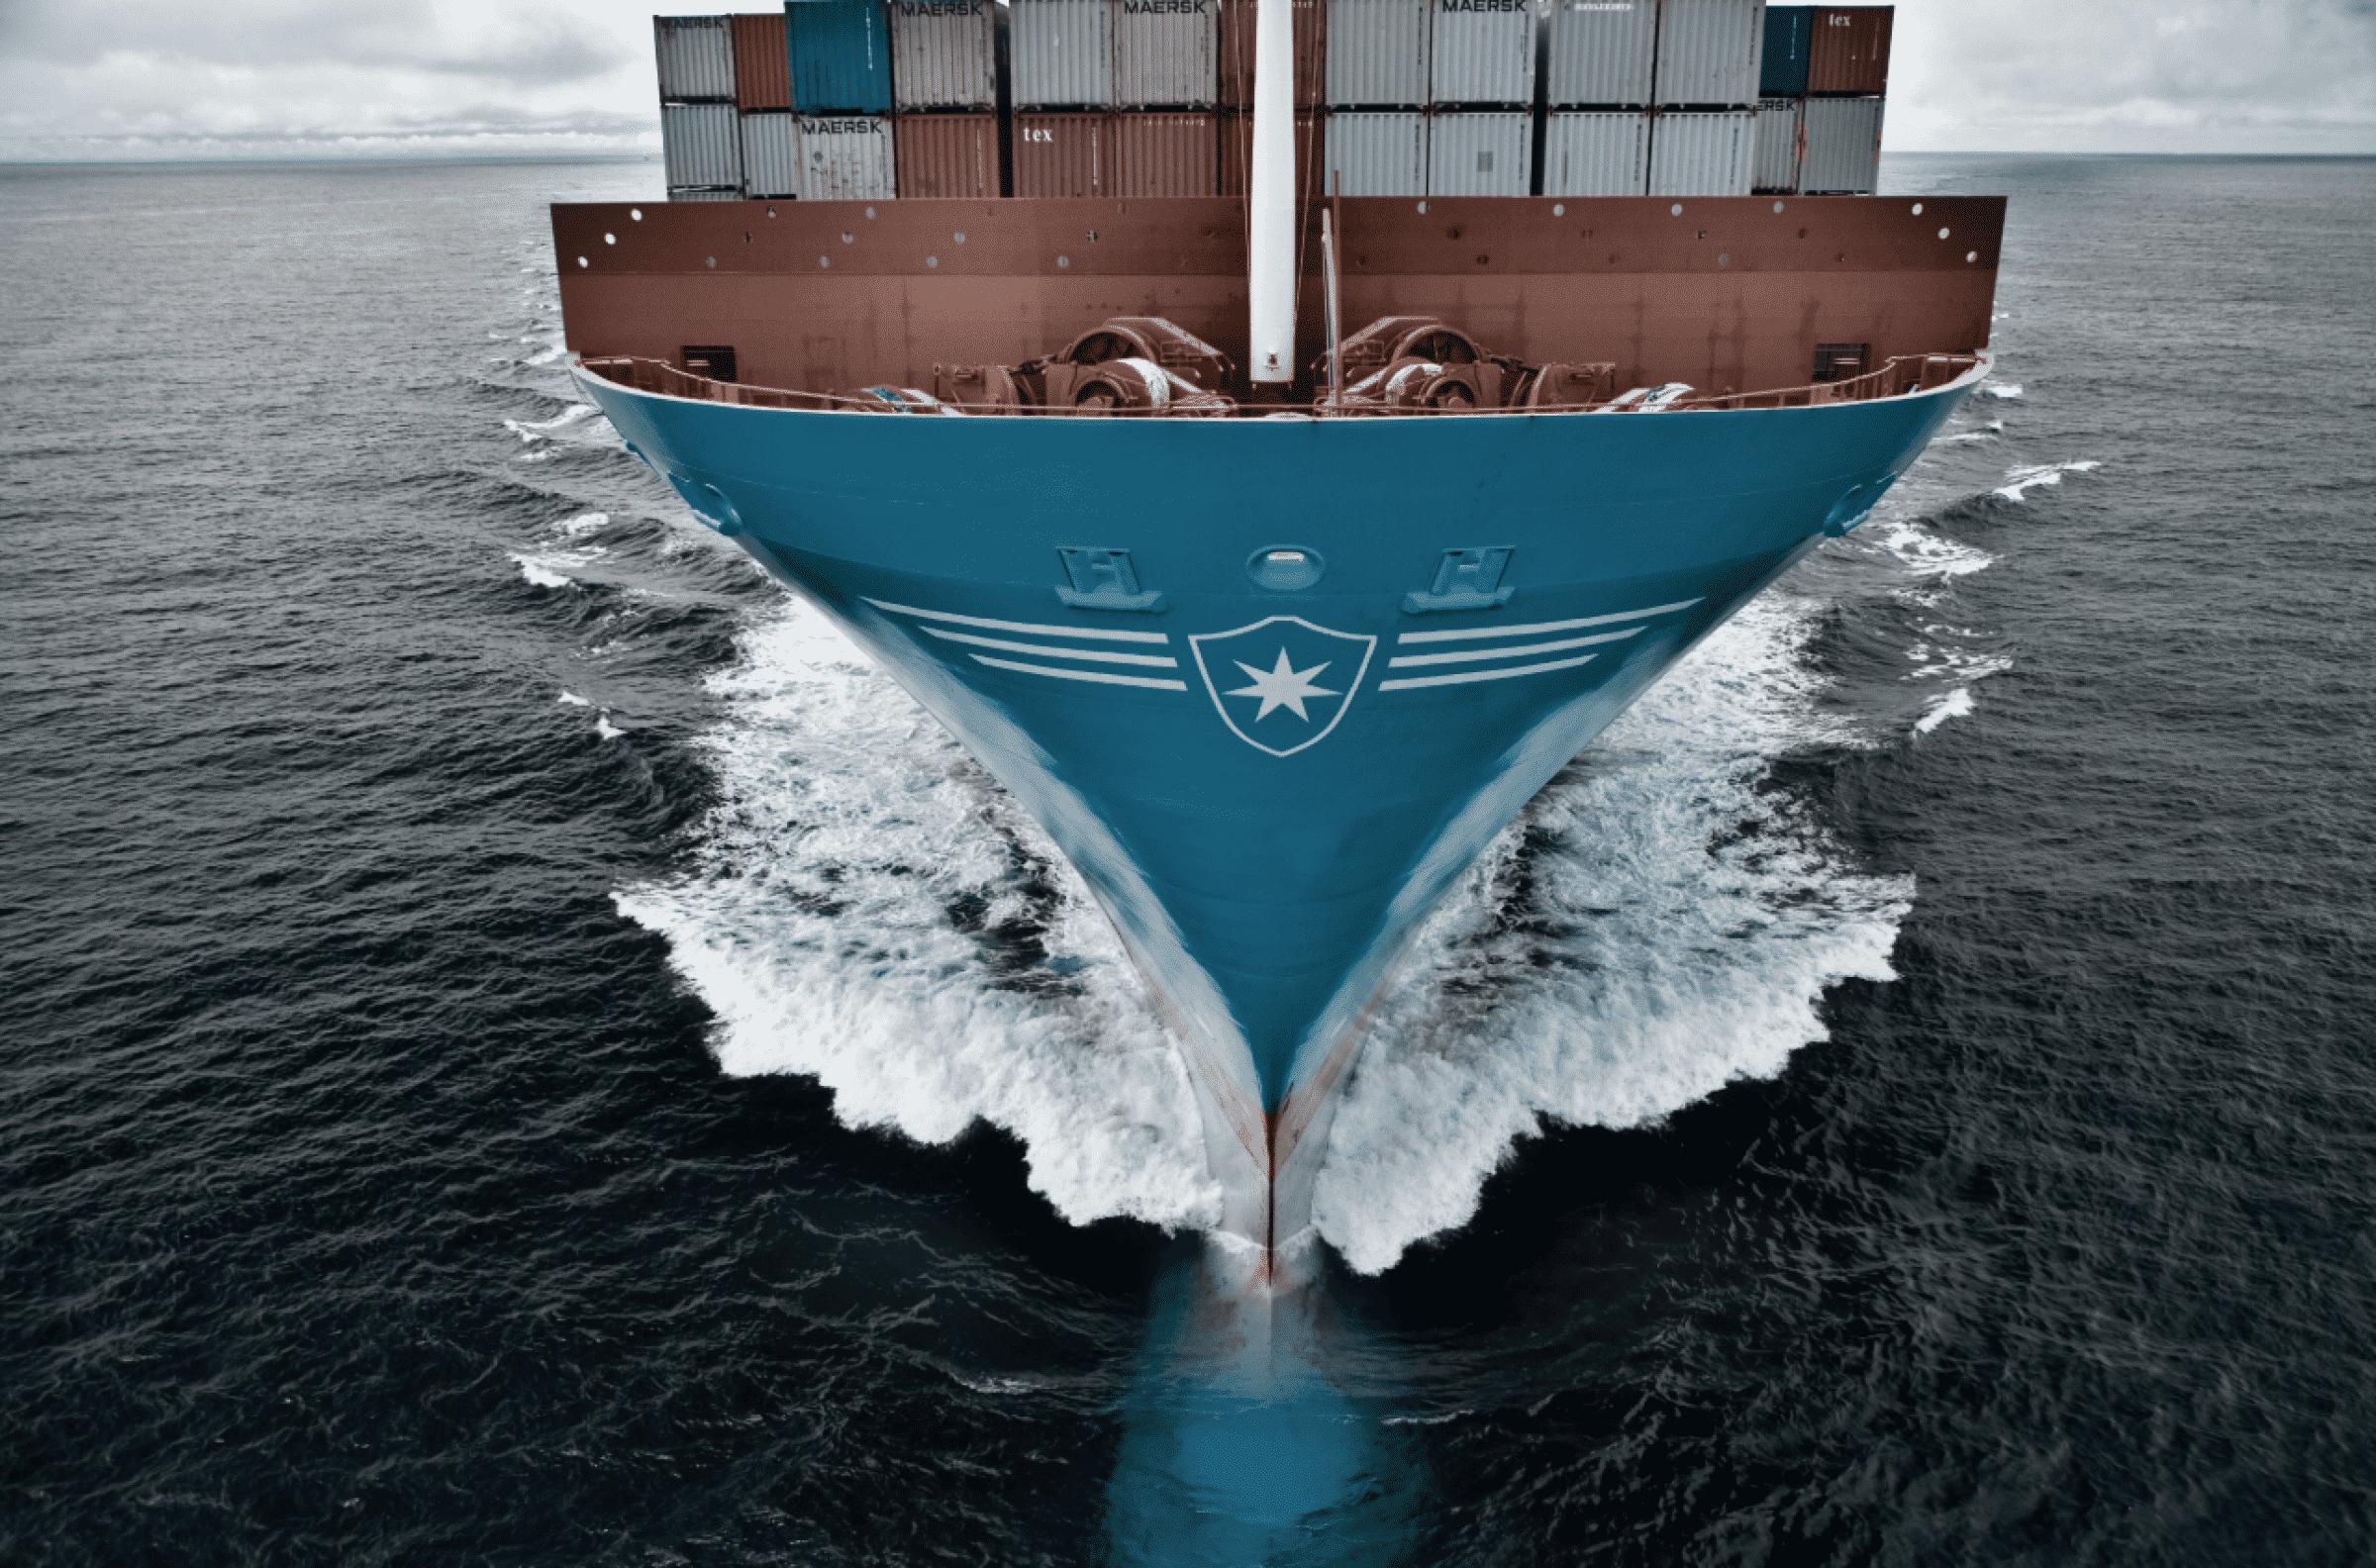 Mærsk skib forfra